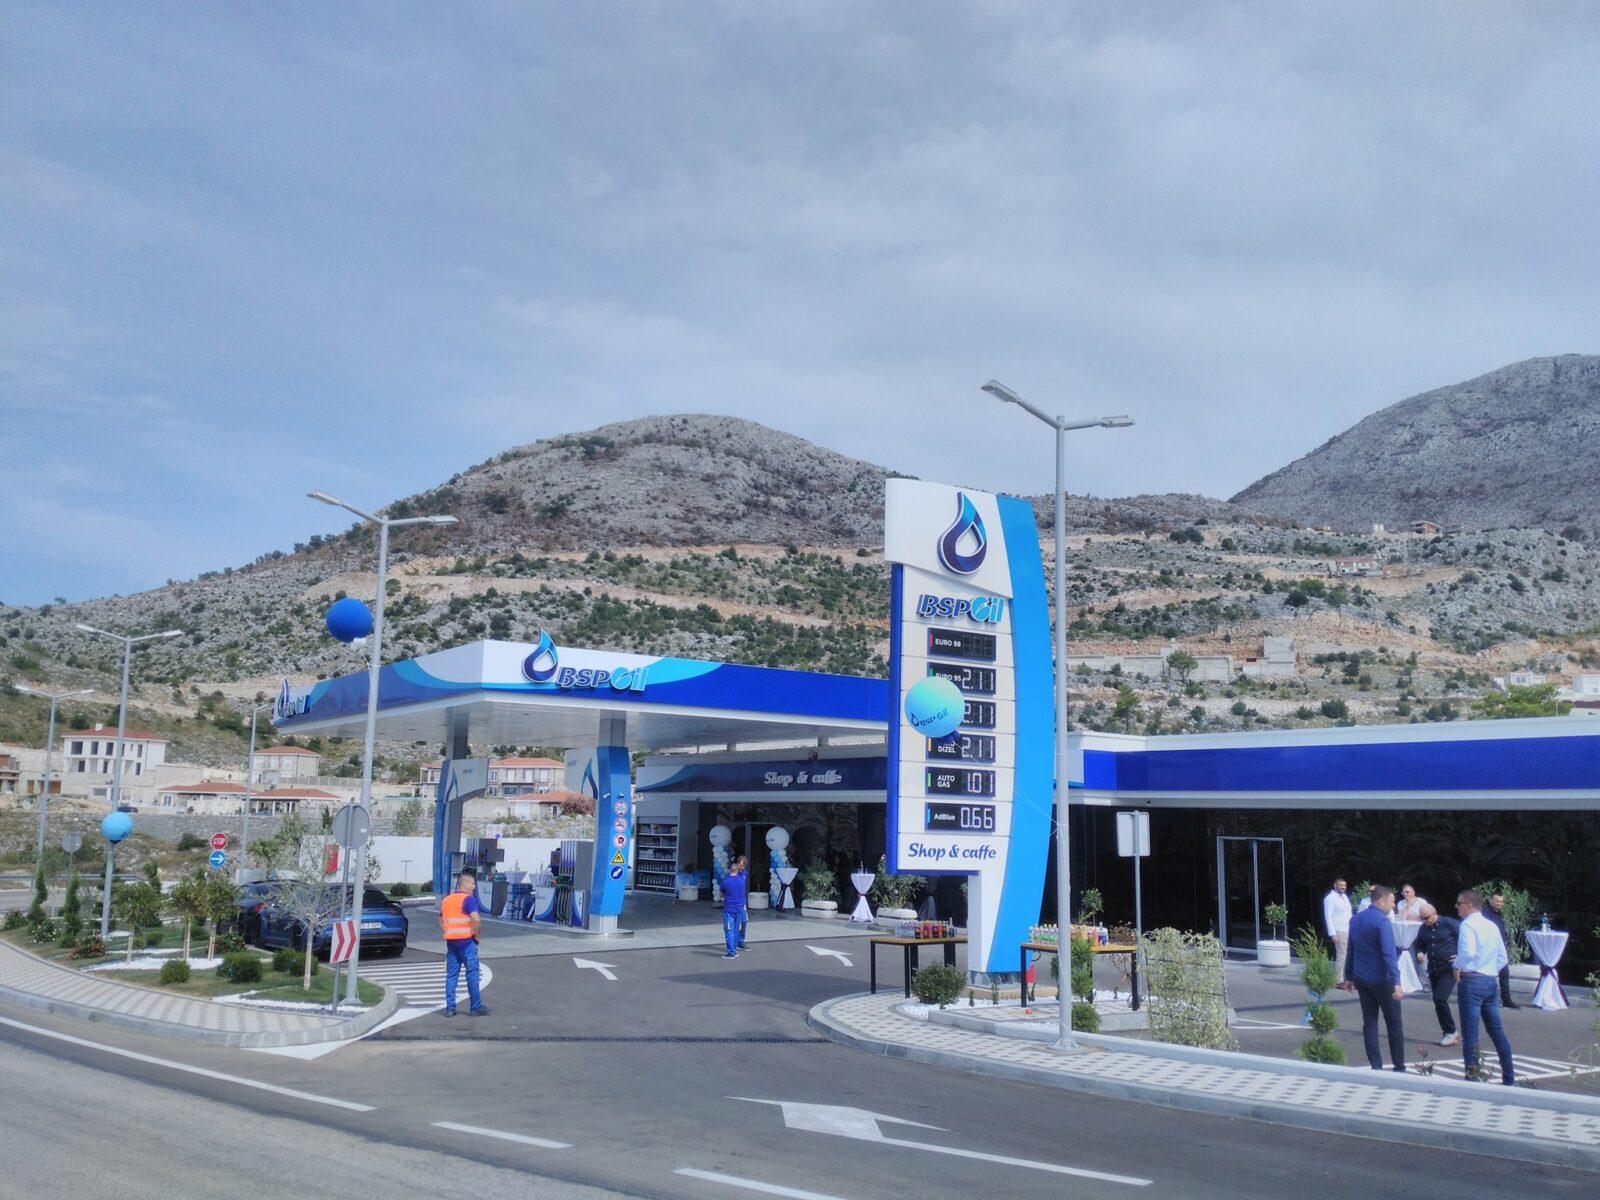 """ОТВОРЕНА ПУМПА """"БСП ОИЛ"""": На Иваницу по најјефтиније гориво у Херцеговини"""